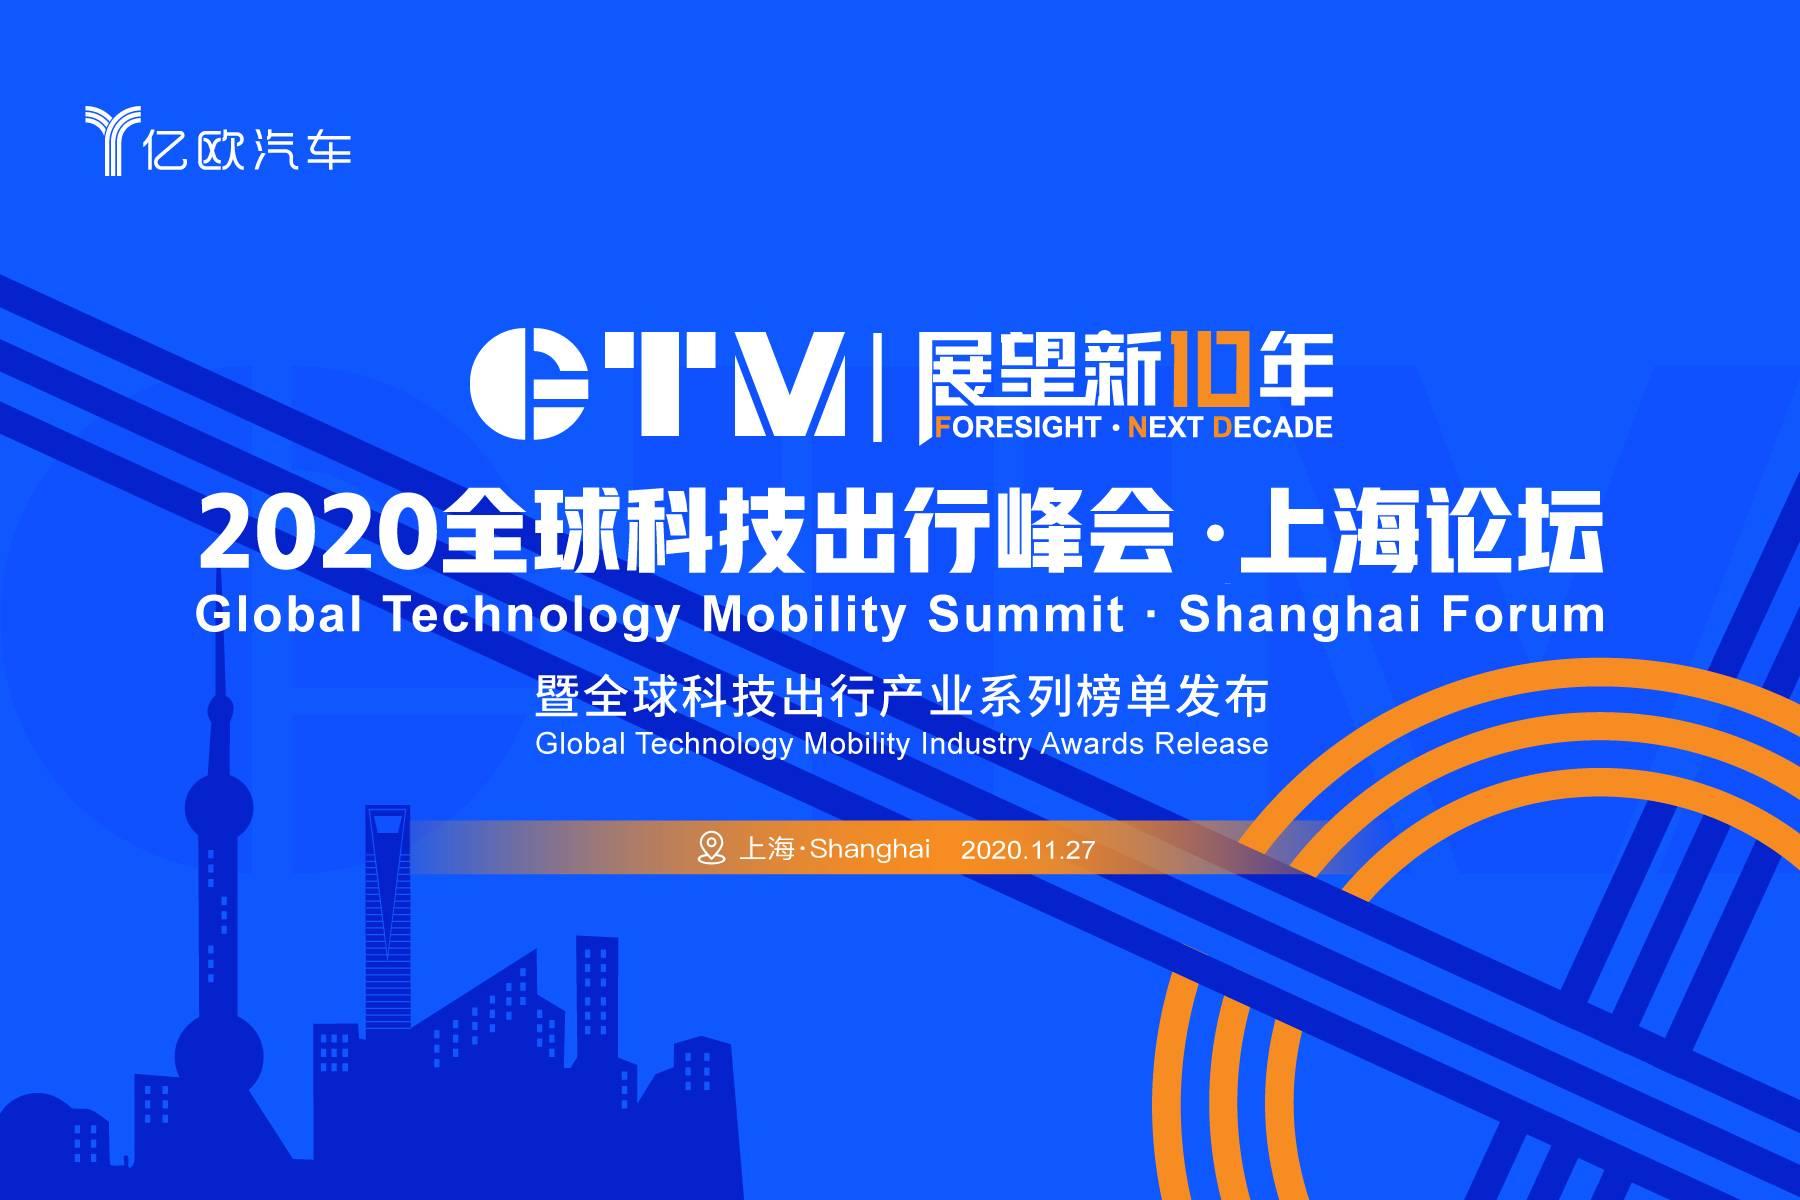 2020全球科技出行峰会·上海论坛